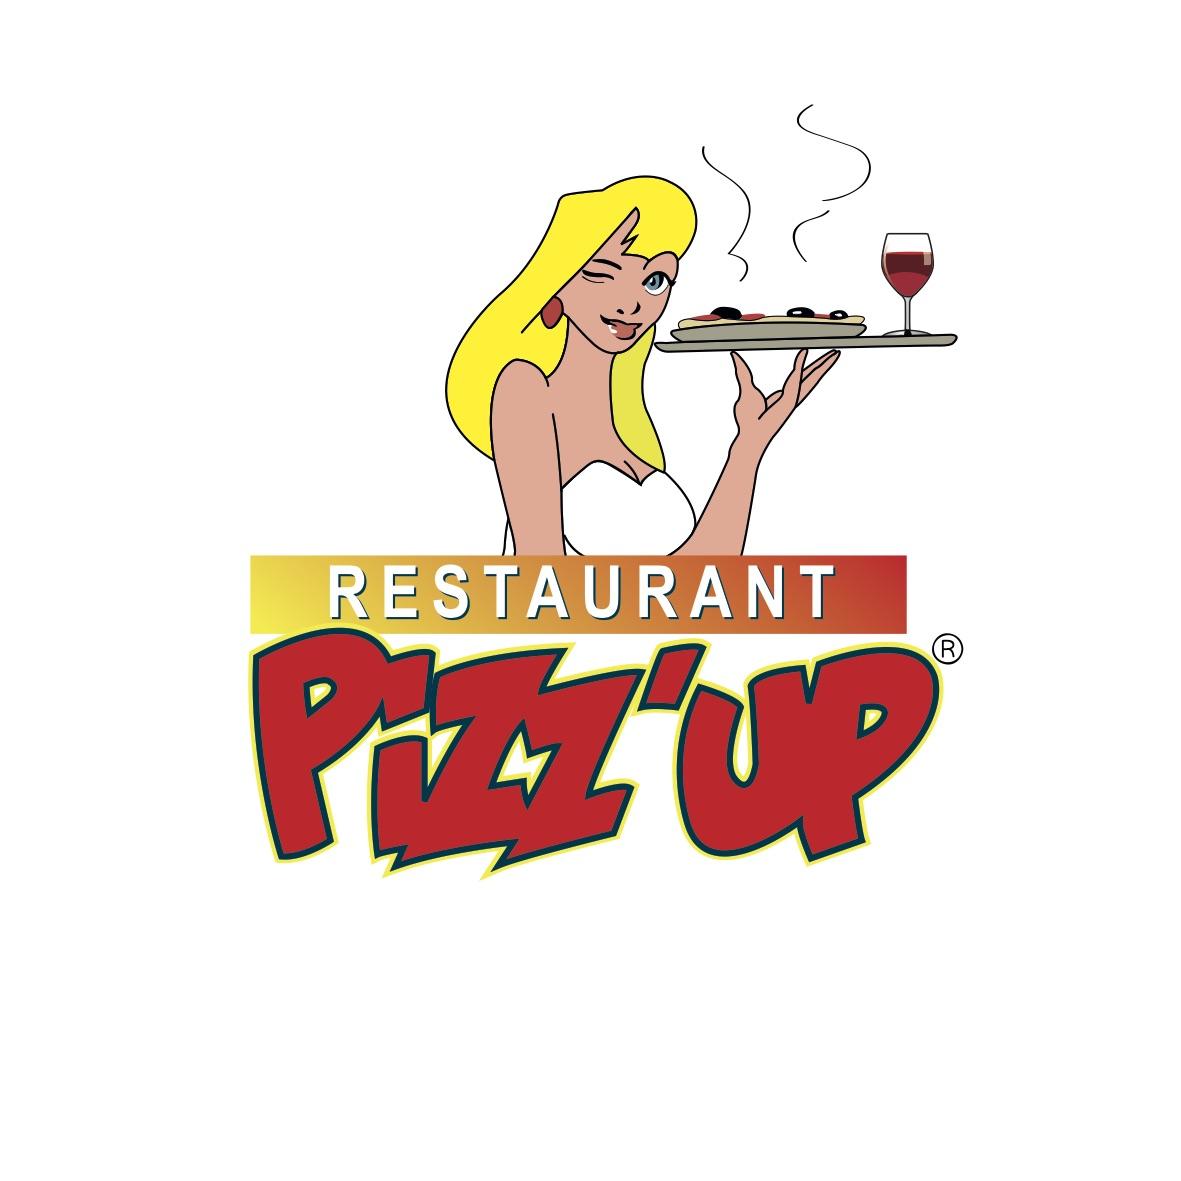 Pizz'up pizzeria